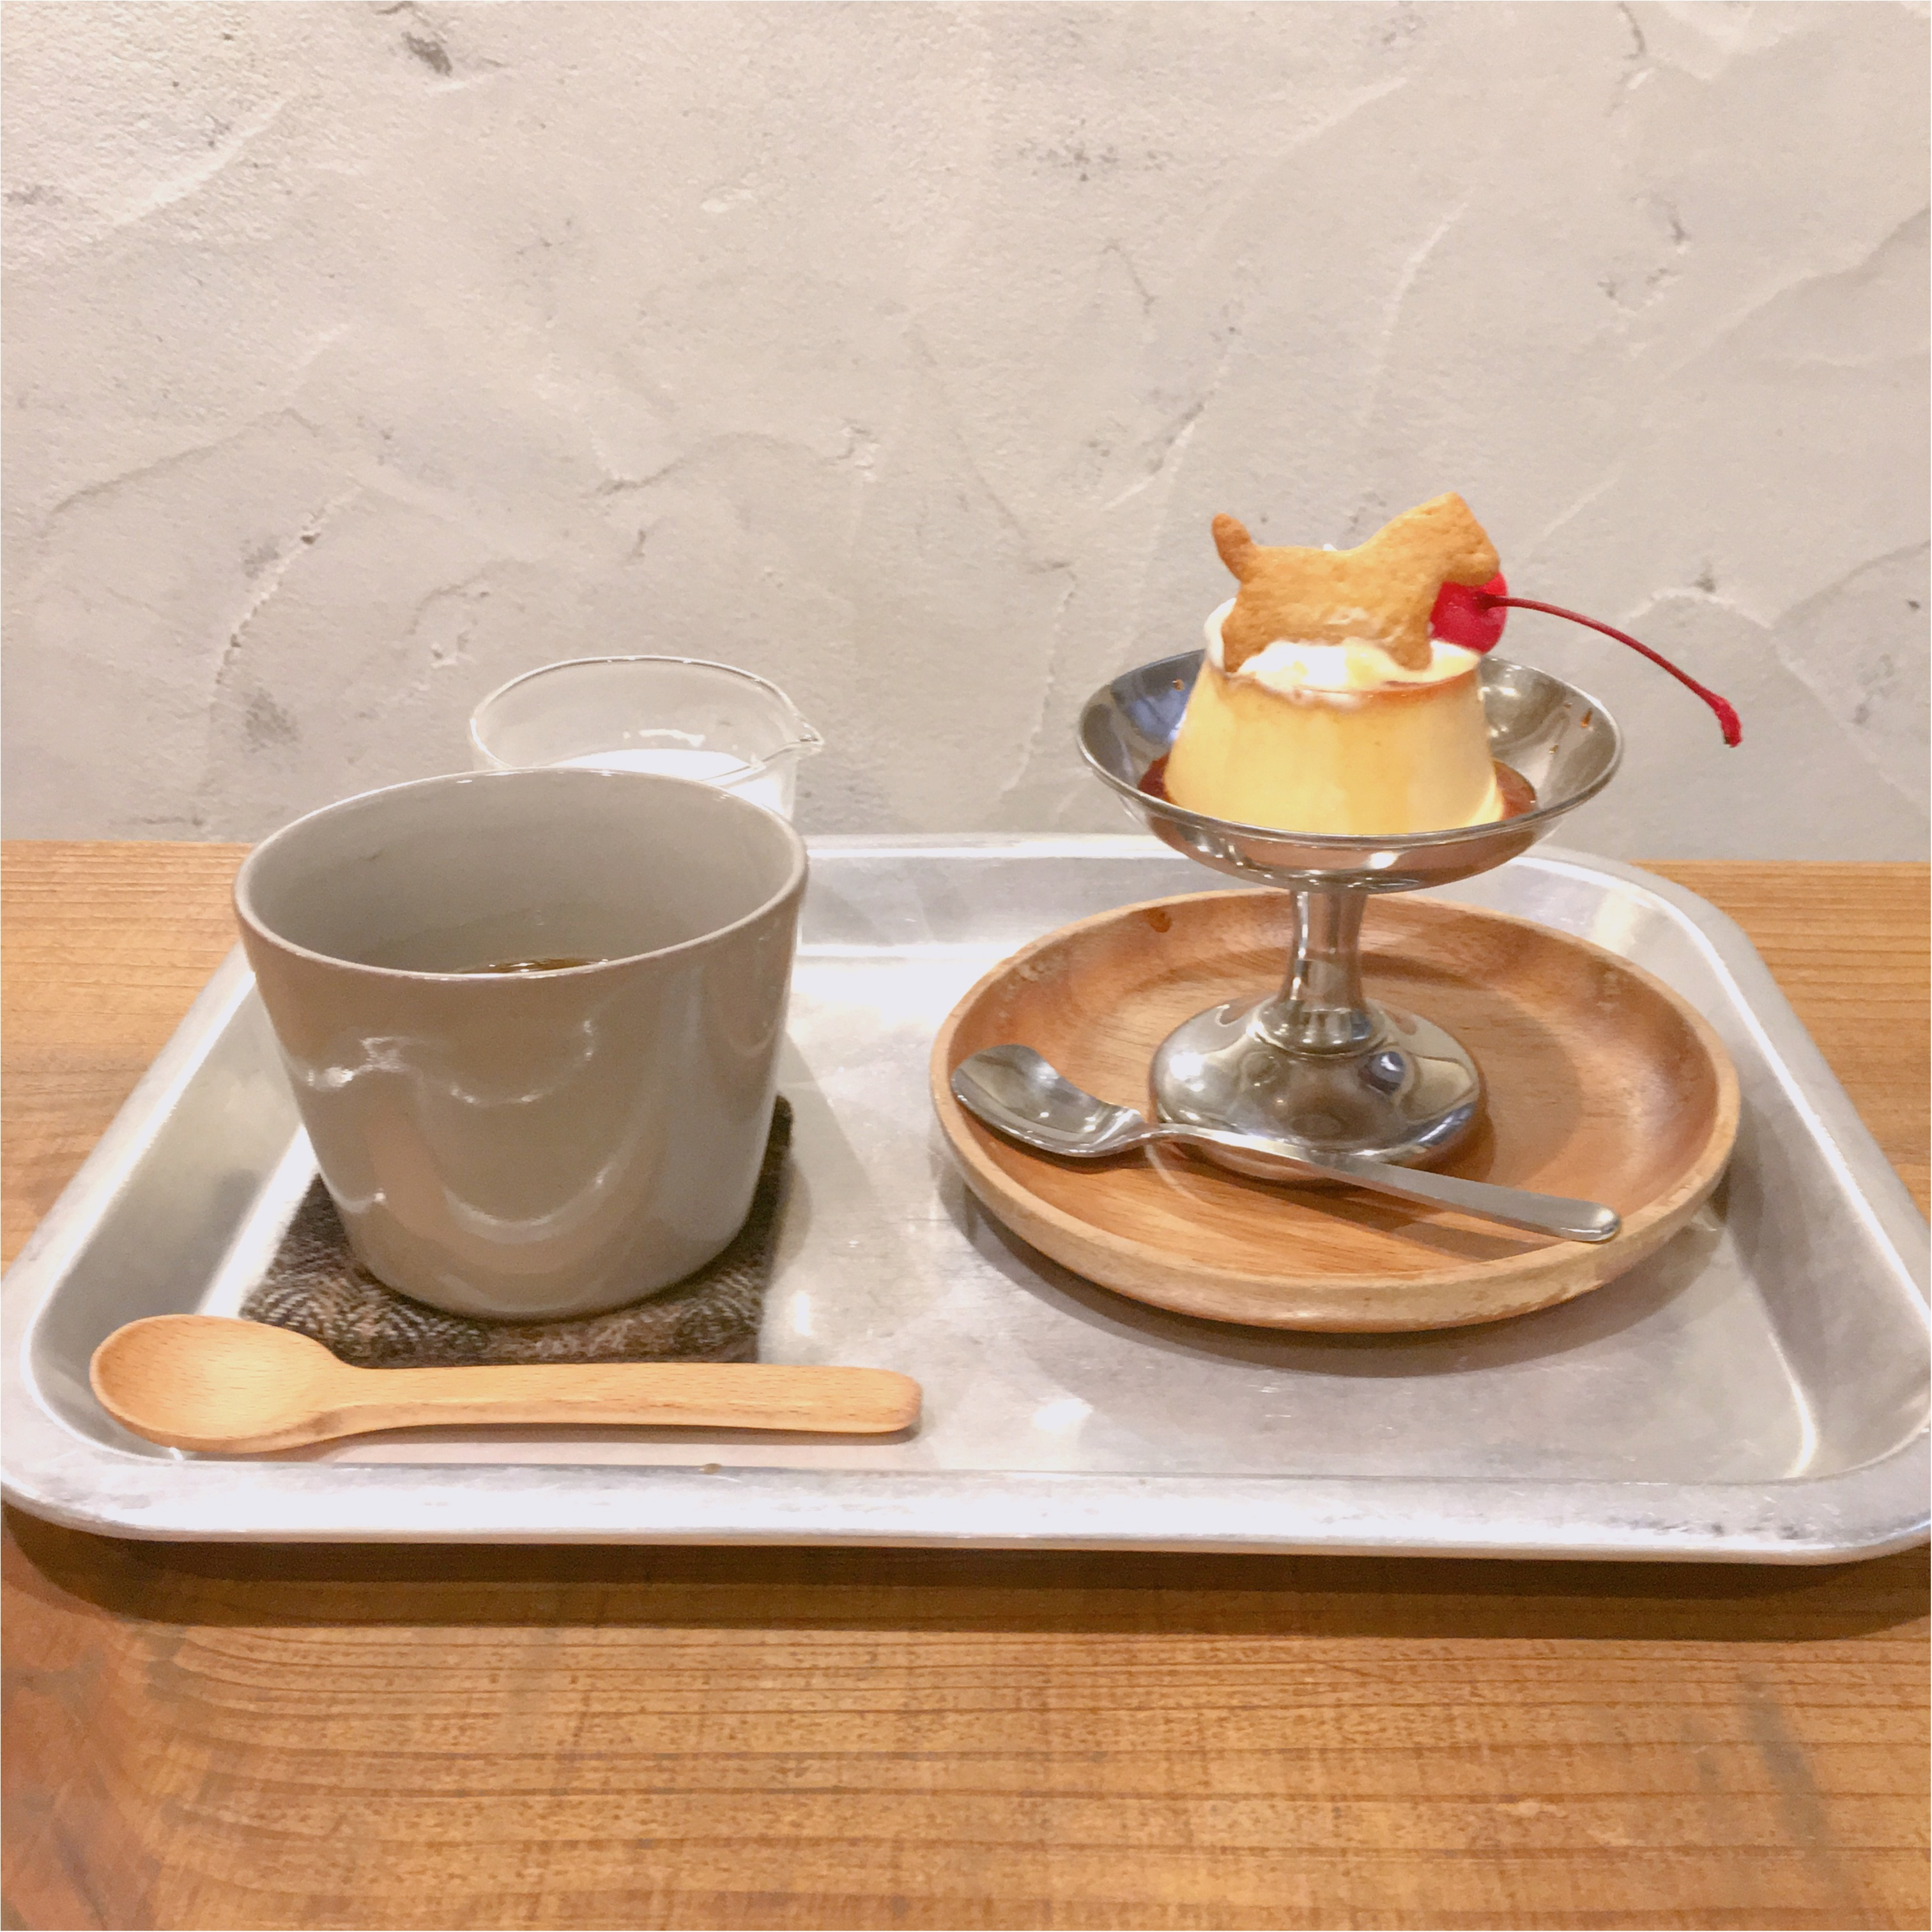 《 私のカフェめぐり♪ 》濃厚で美味しい♡ 手作りプリンが食べれる喫茶店♡_4